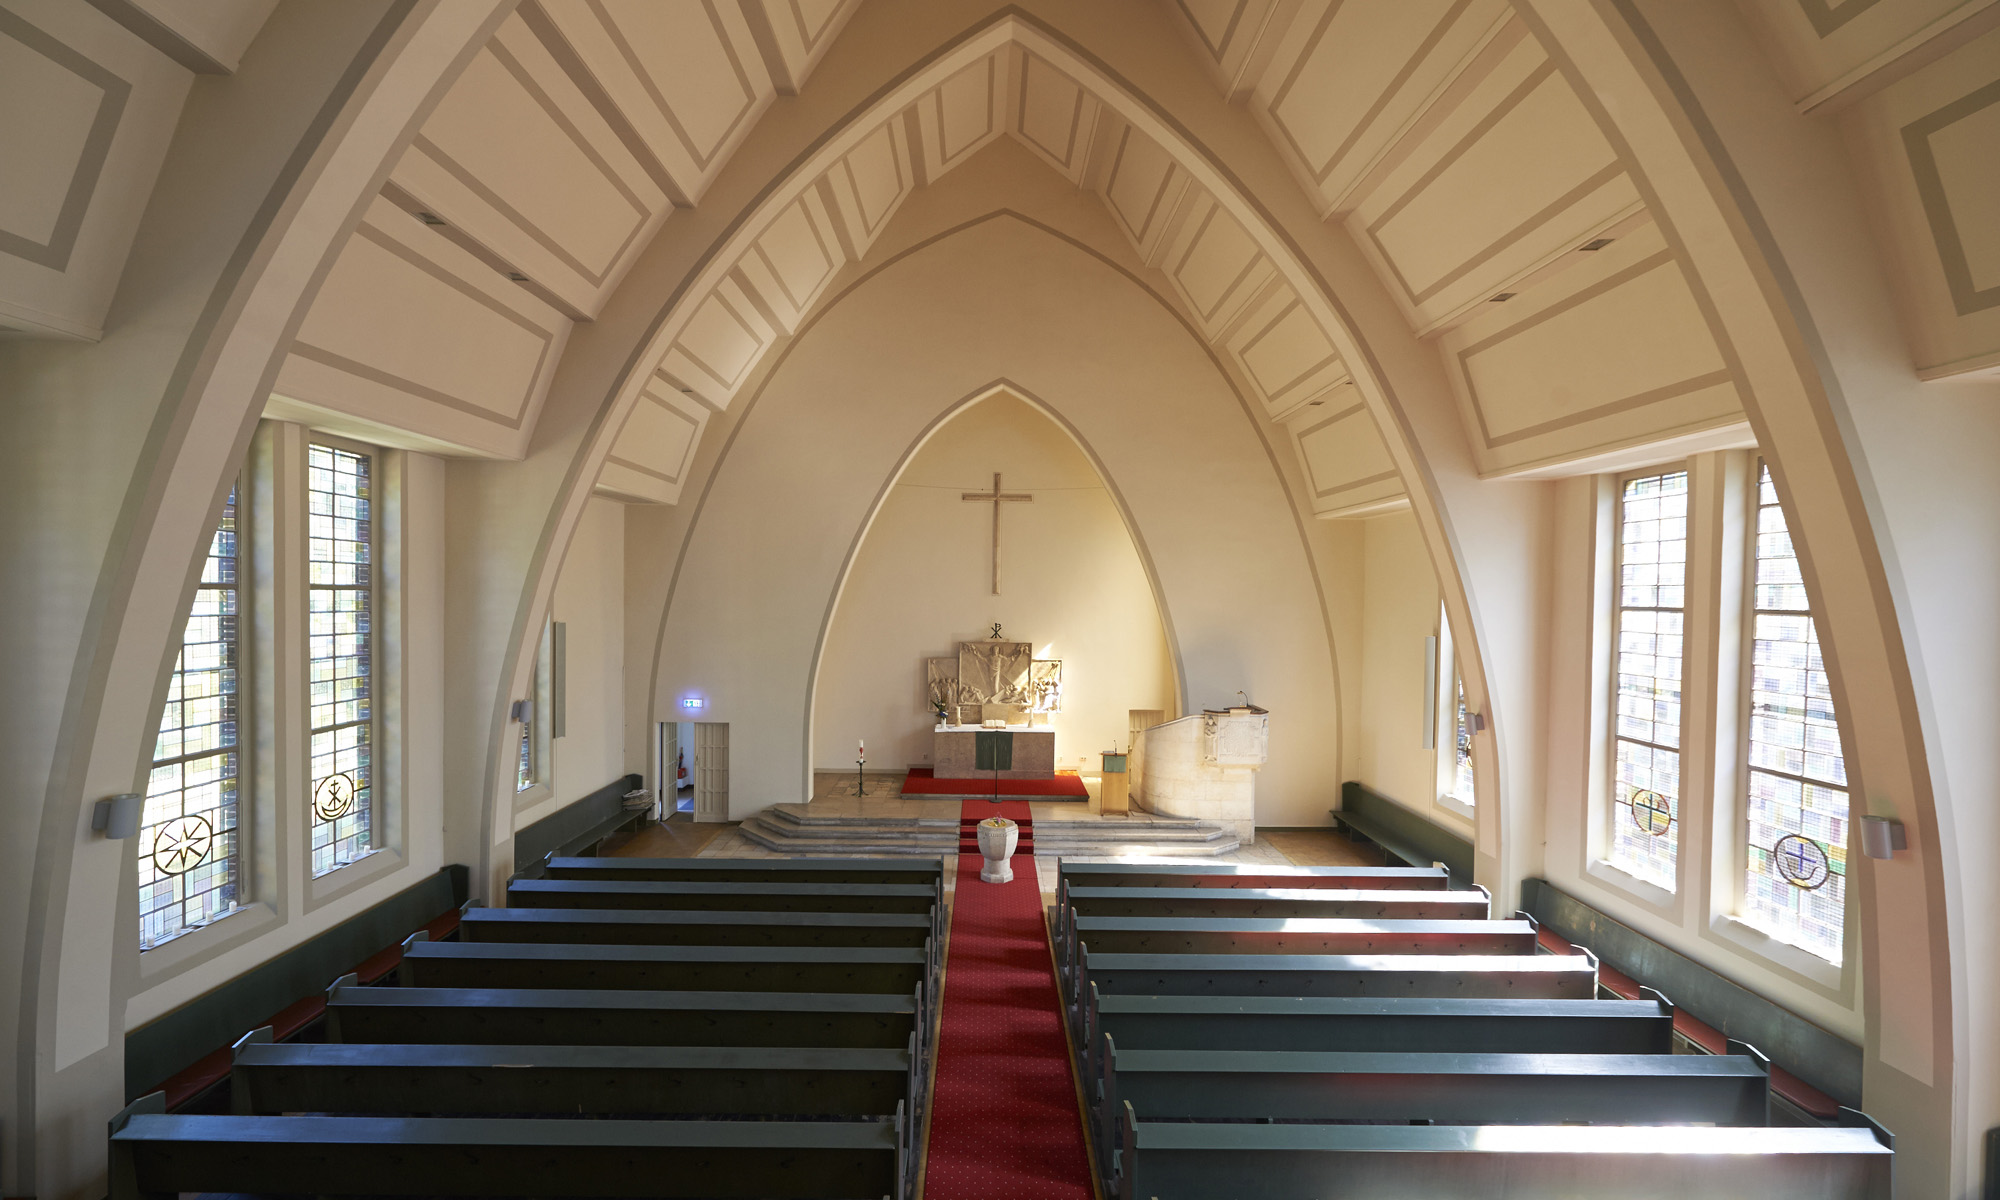 Evangelische Kirchengemeinde Berlin-Niederschöneweide